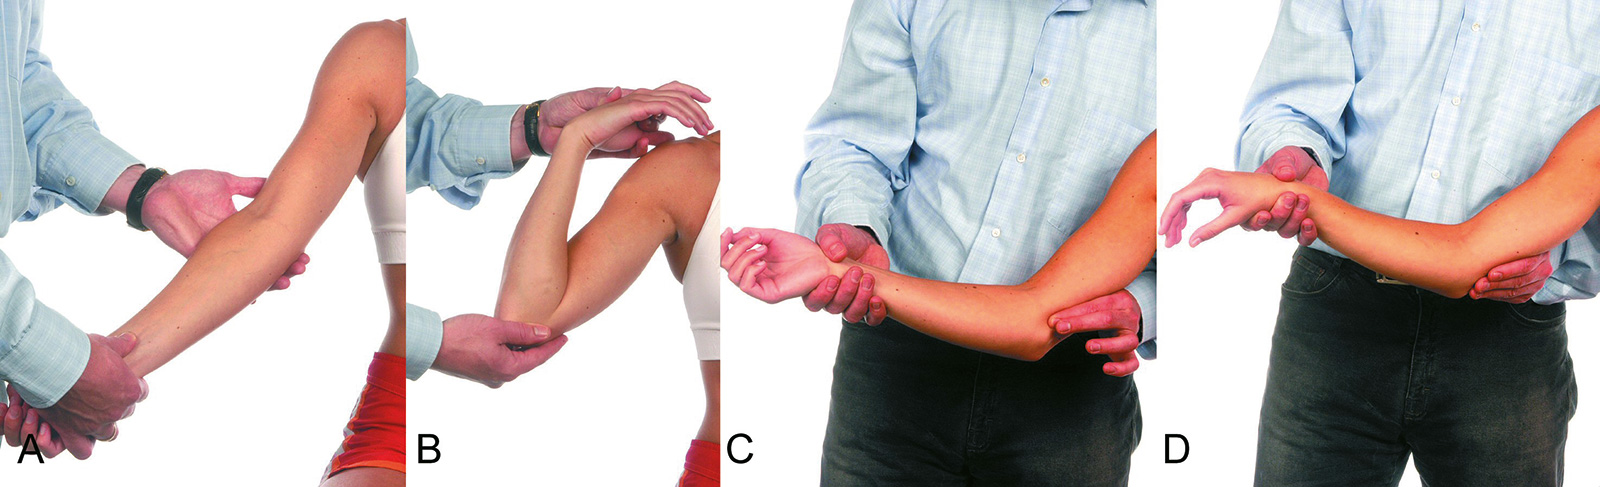 Abb. 2-38: Untersuchung des Ellenbogengelenks: Streckung (A), Beugung (B), Palpation des ulnaren Kollateralbandes (C) und Test der Valgusstabilität (D)